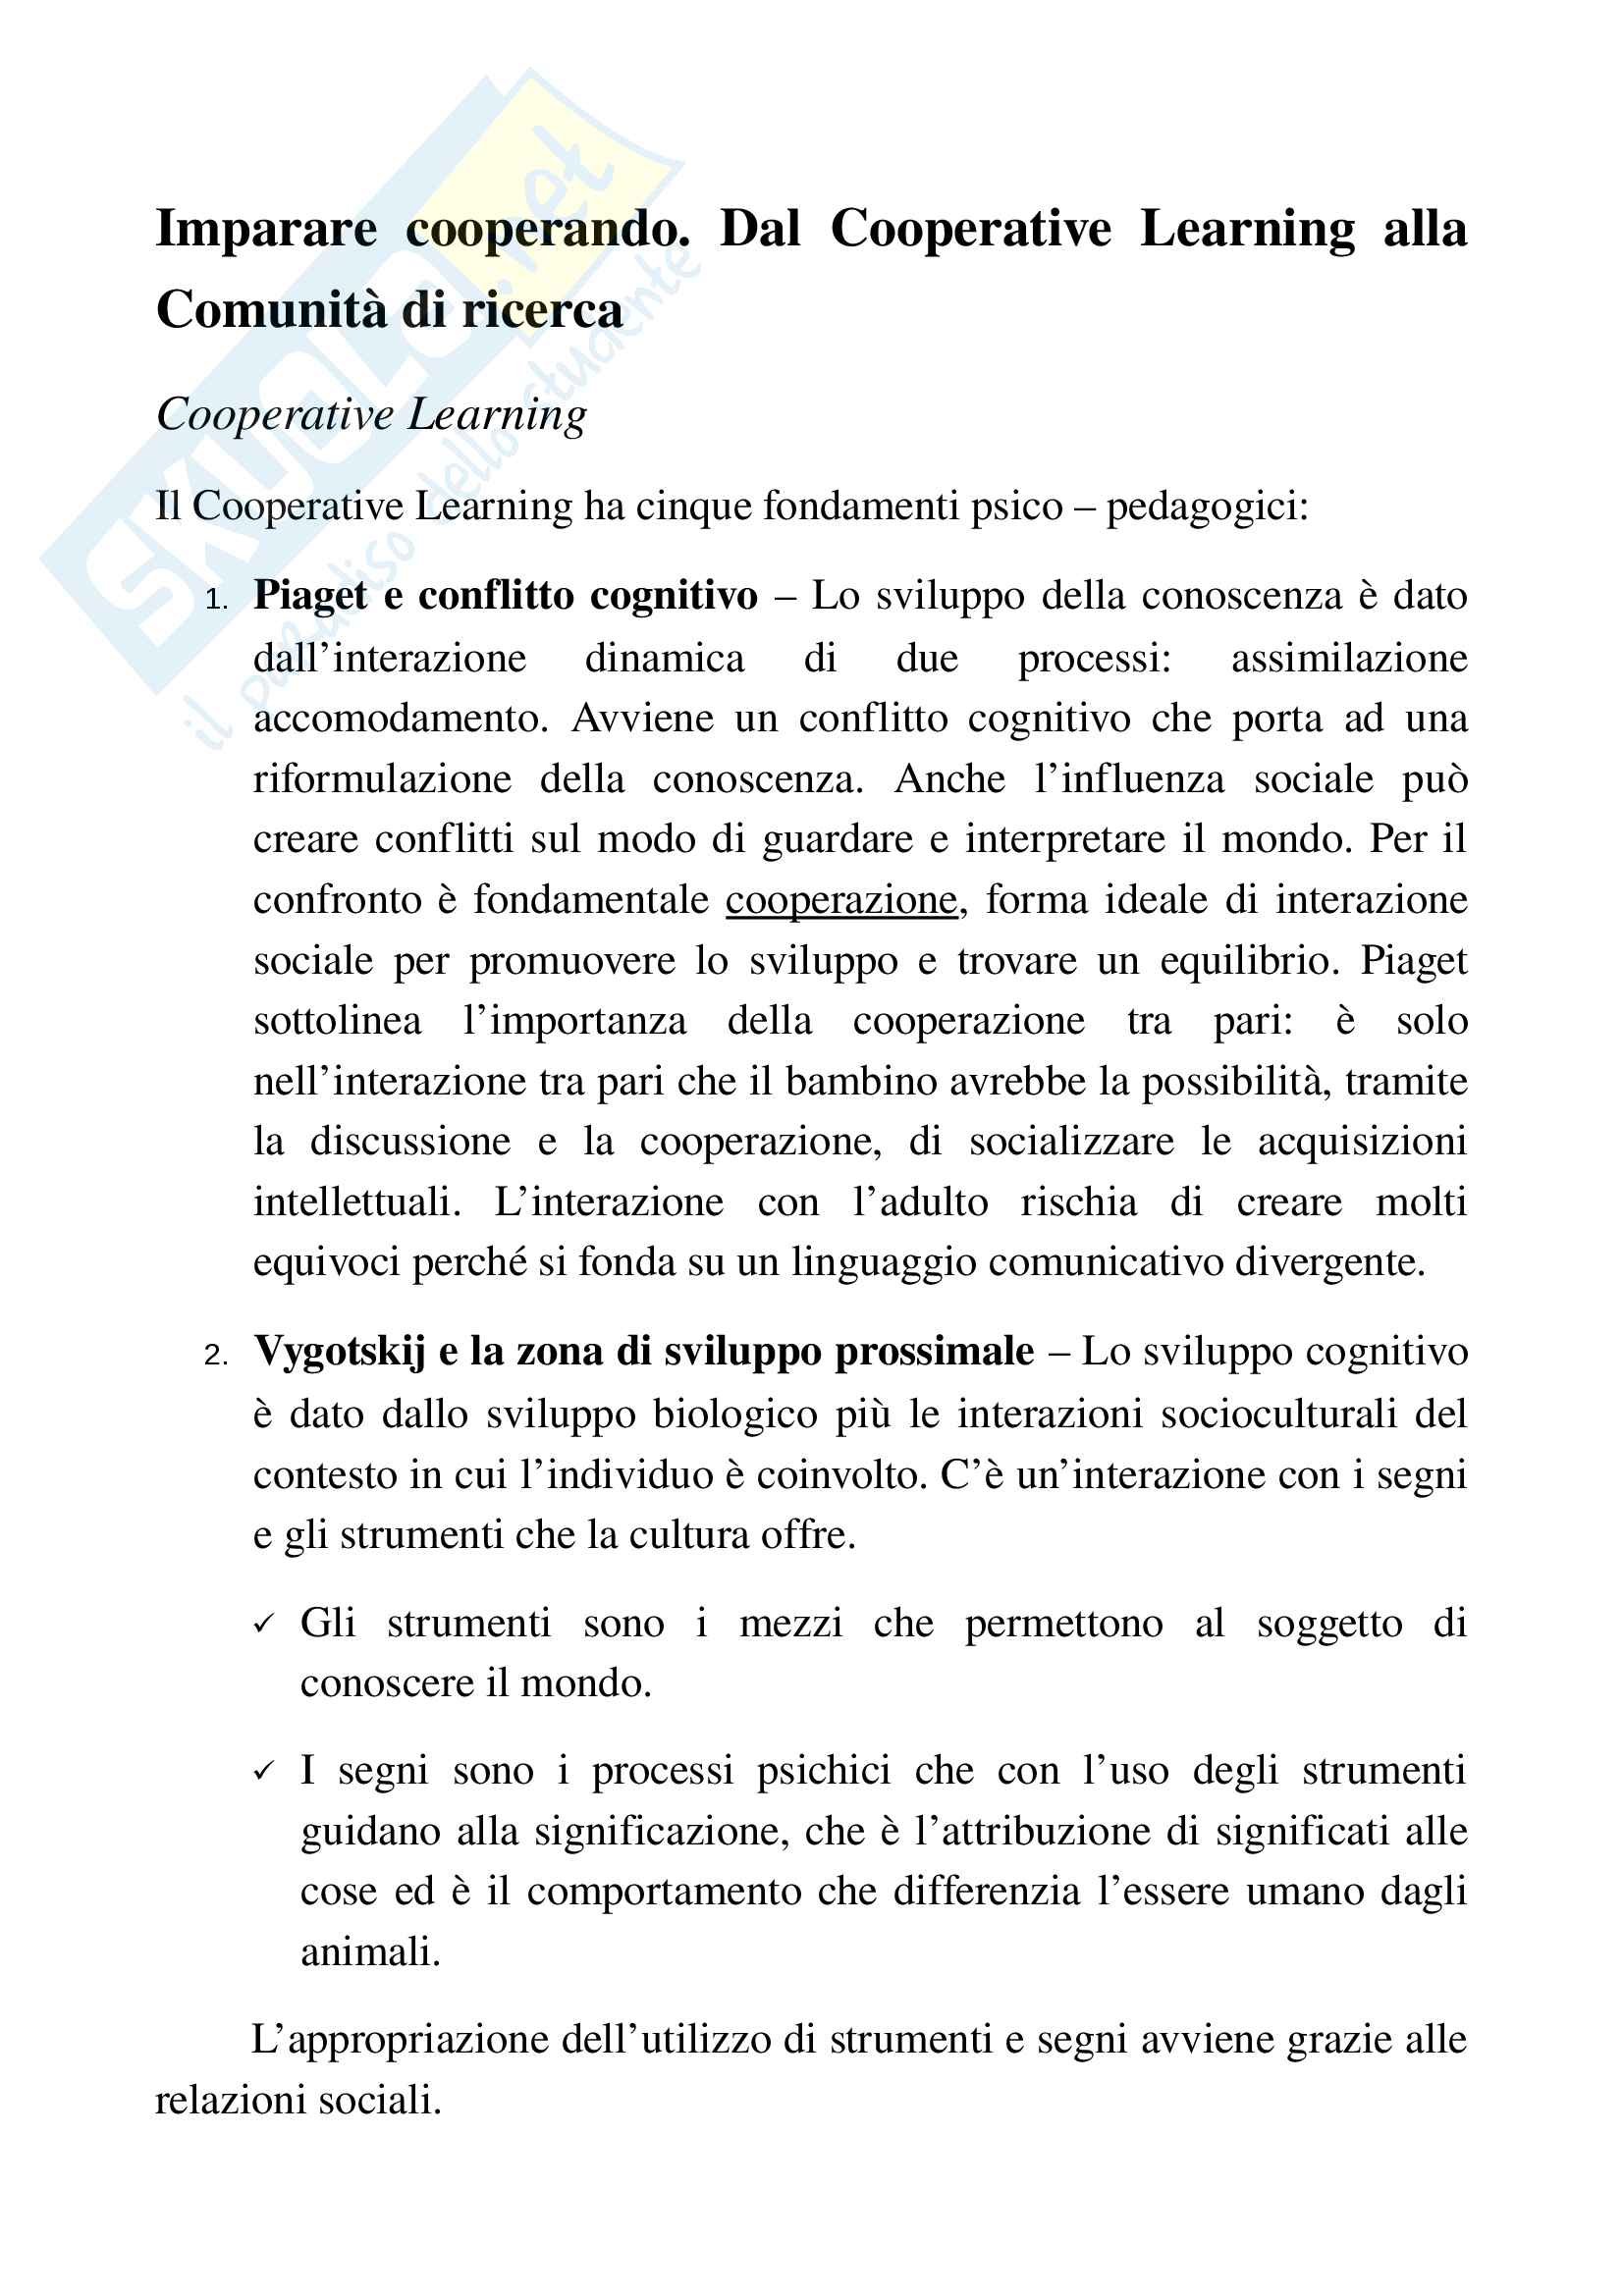 """Riassunto Esame Pedagogia del ciclo di vita, Docente Ariemma L., Libro consigliato """"Imparare cooperando. Dal Cooperative Learning alla Comunità di ricerca."""", Autore Ciacciamani S."""